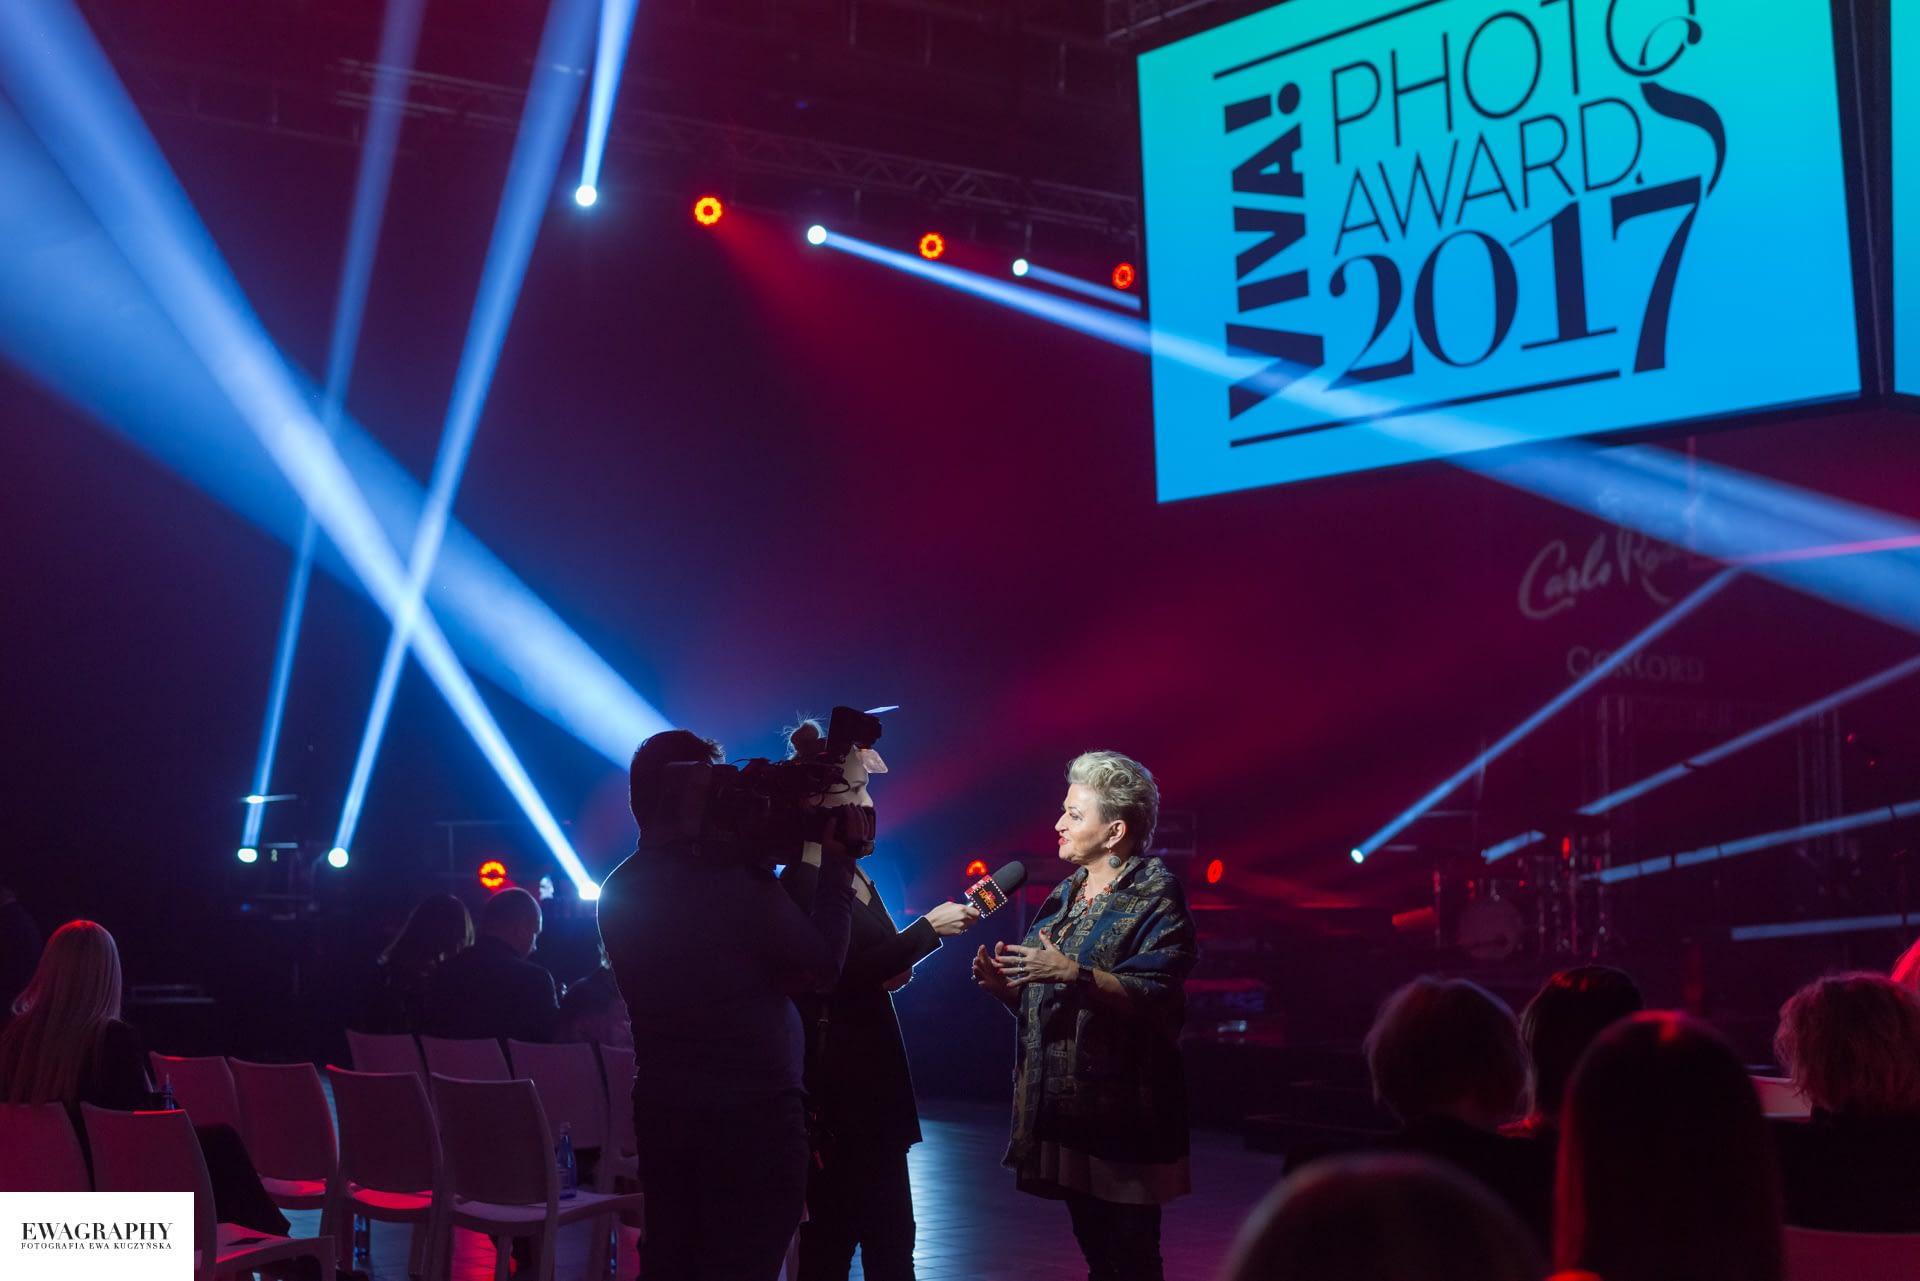 Viva Photo Awards-151